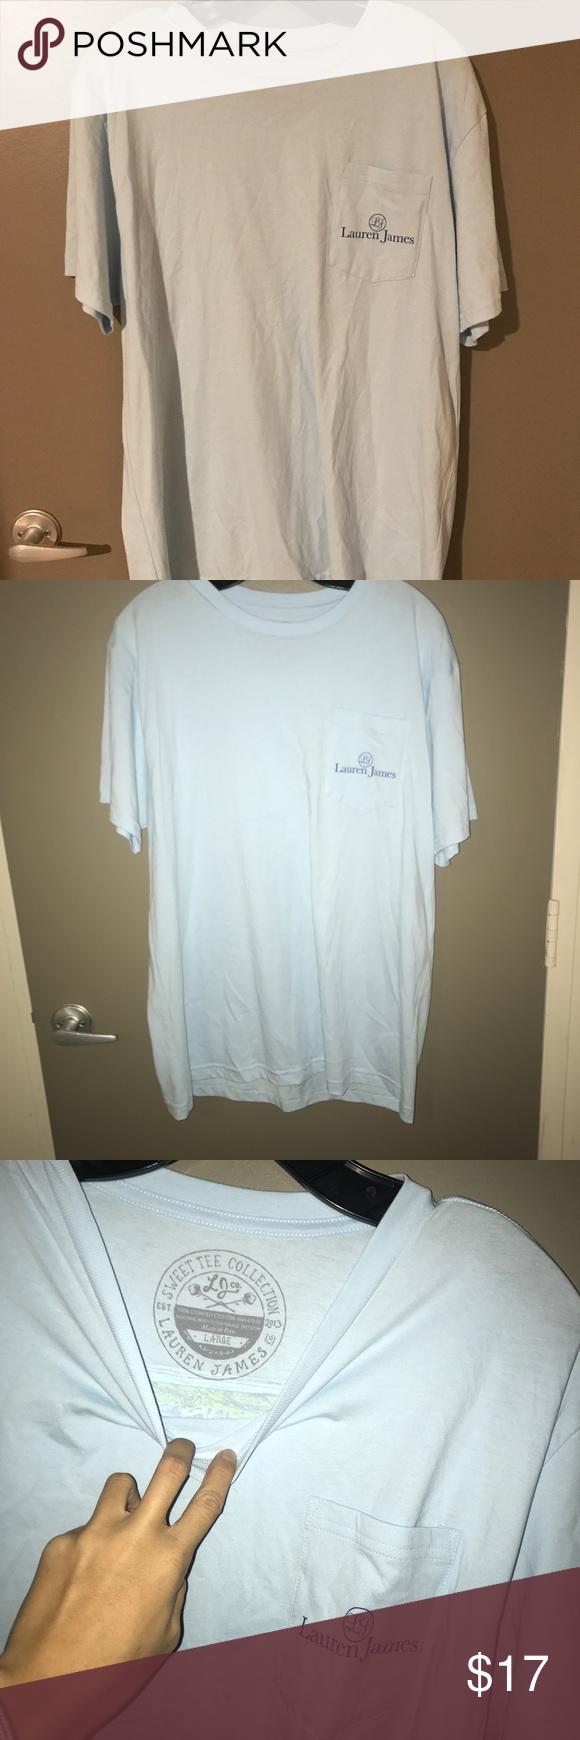 Lauren James Short Sleeve T-Shirt NWOT. In excellent condition. Lauren James Tops Tees - Short Sleeve